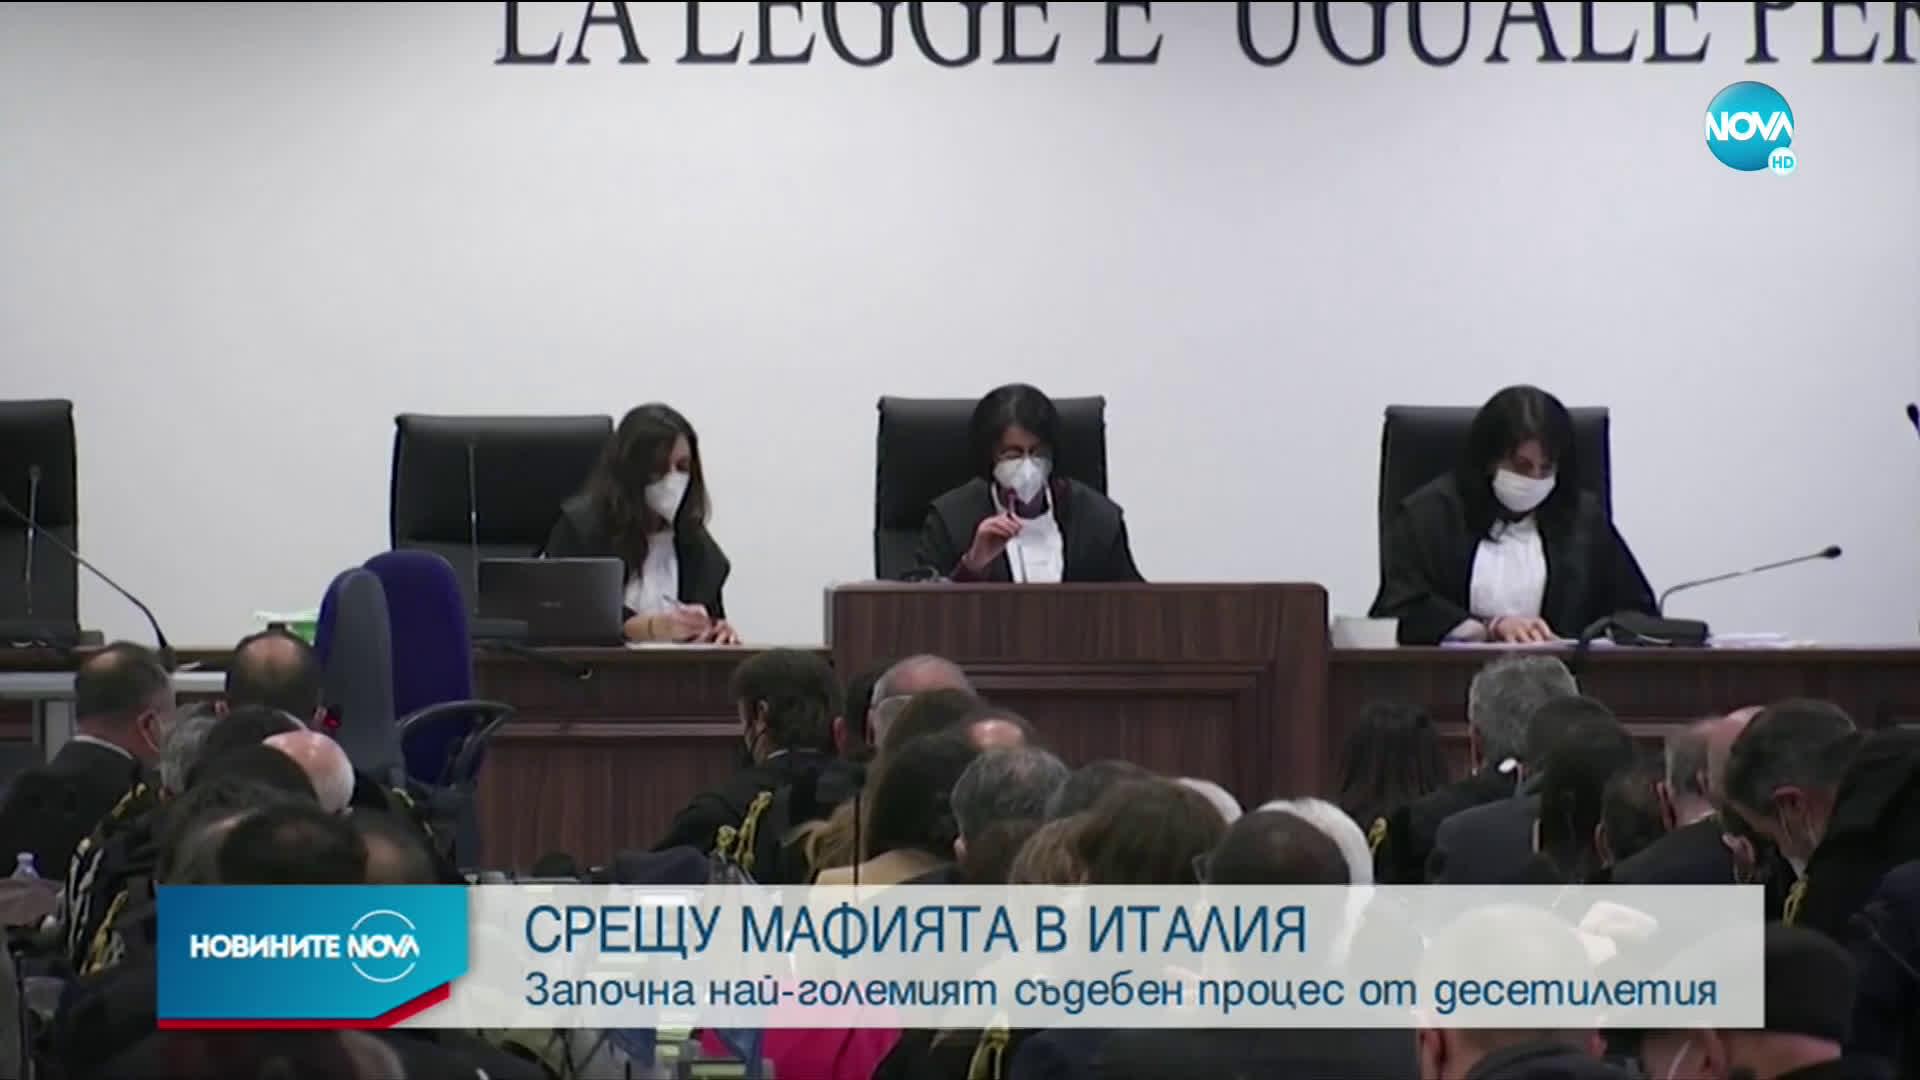 Започна най-големият съдебен процес срещи мафията в Италия